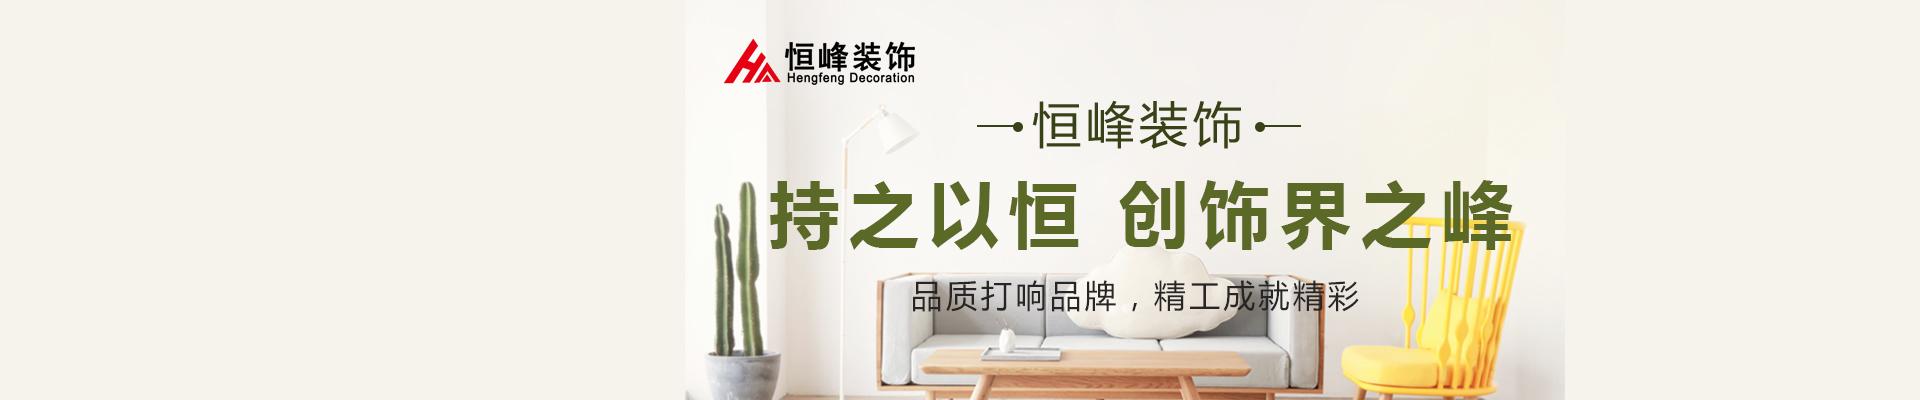 天津恒峰装饰工程有限公司杭州分公司